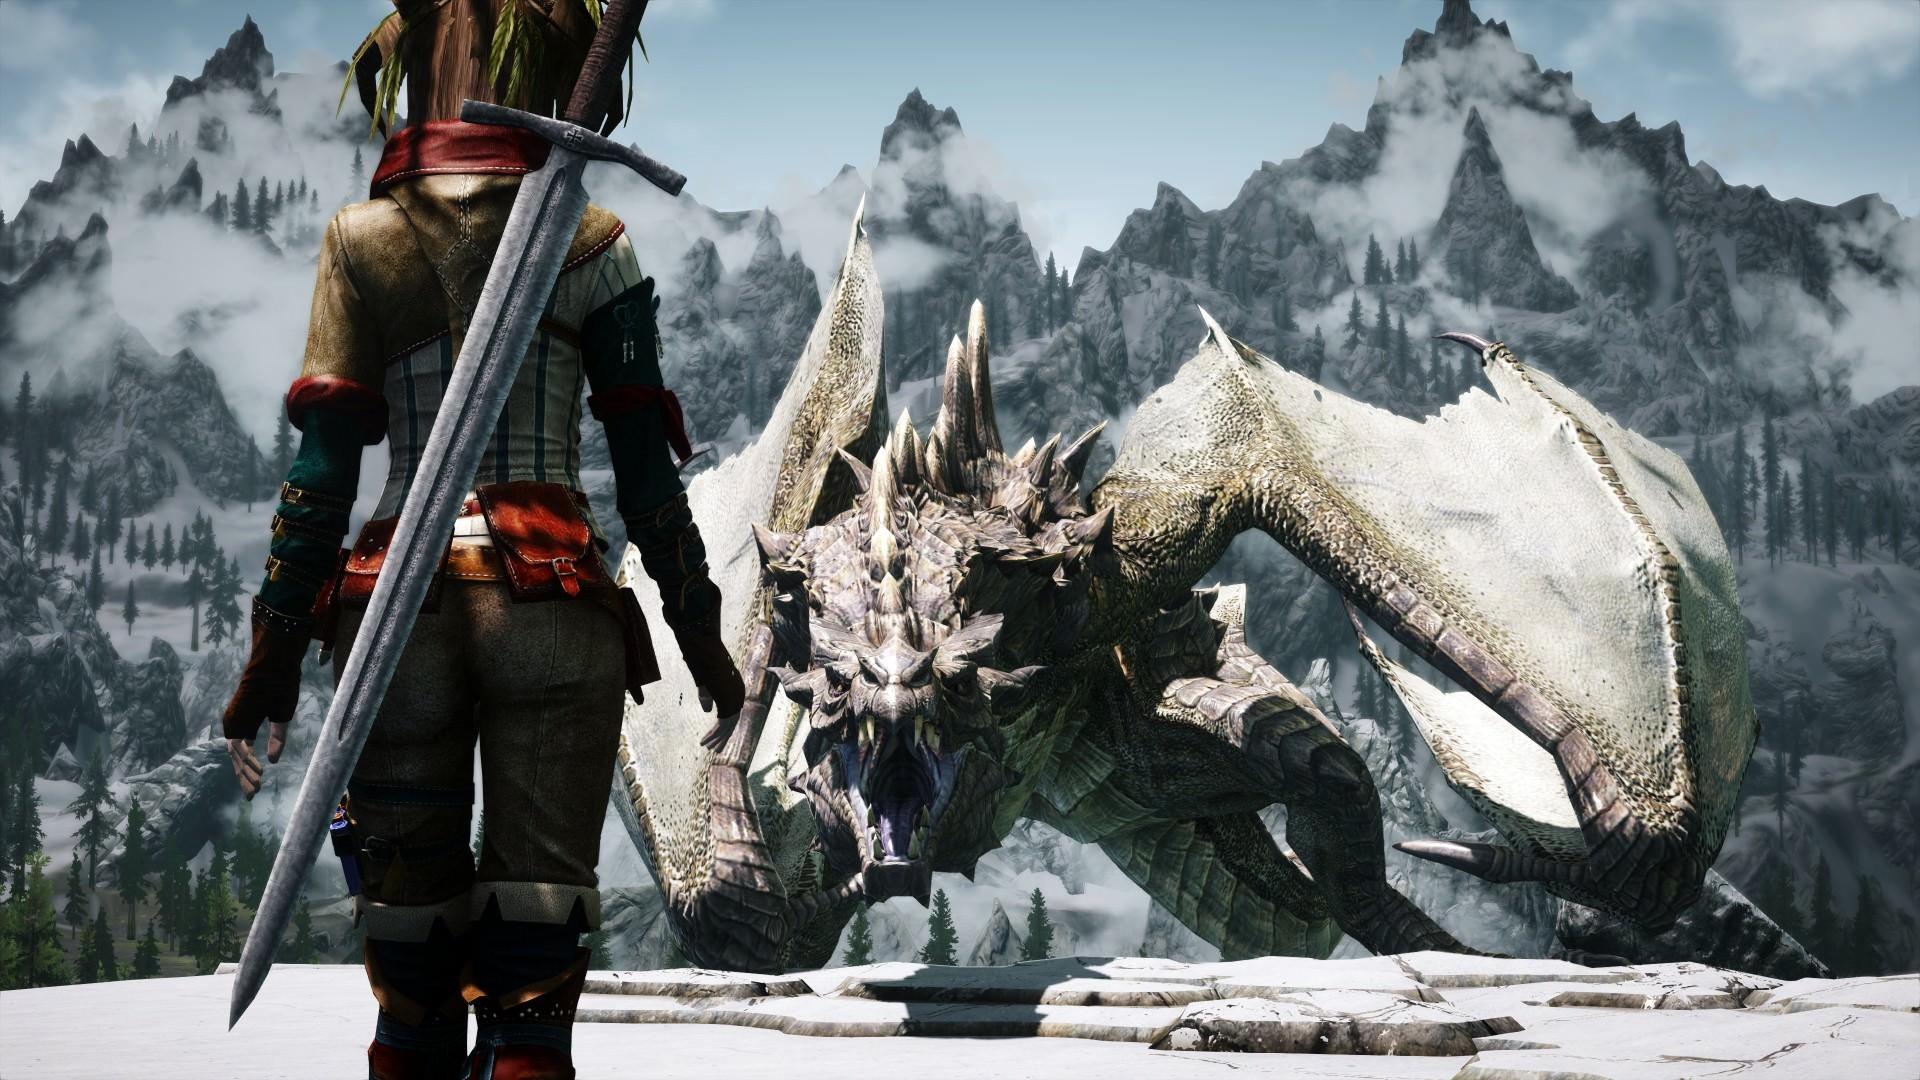 Skyrim Girl vs Dragon Wallpaper